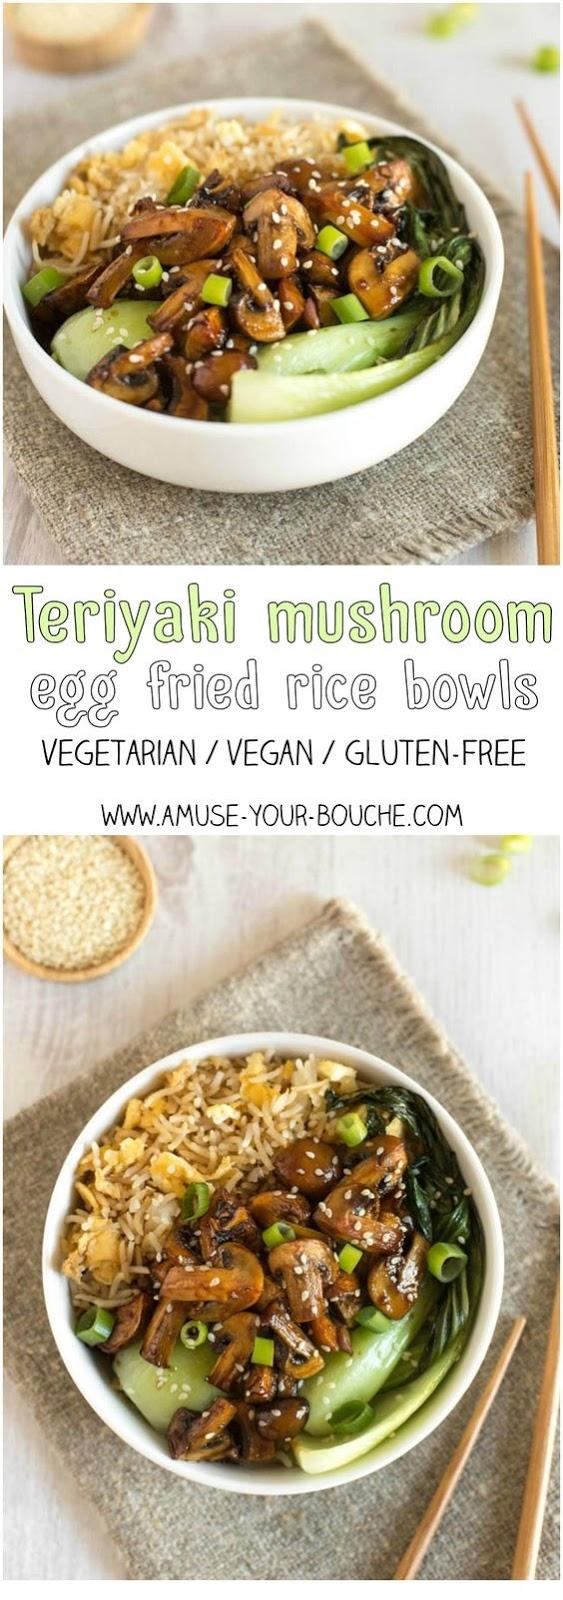 Teriyaki Mushroom Egg Fried Rice Bowls